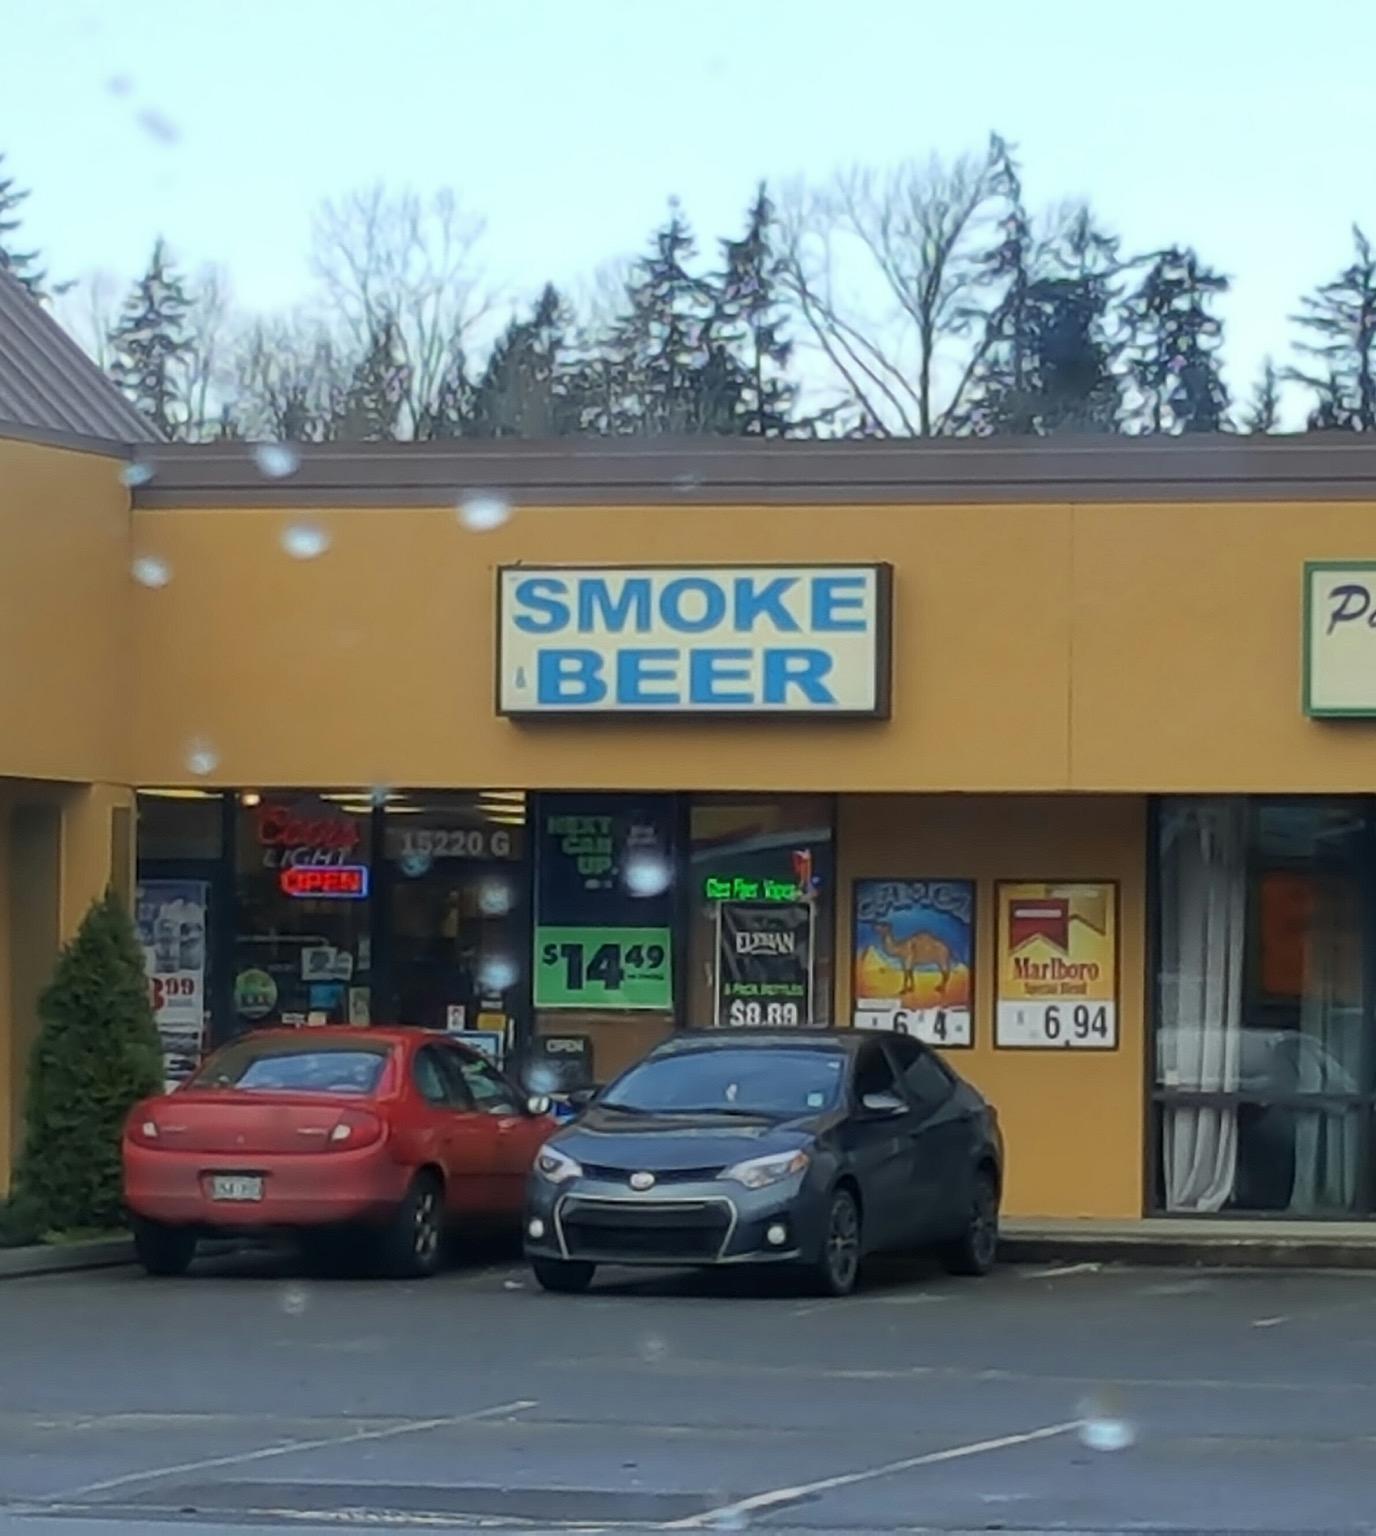 Smoke beer